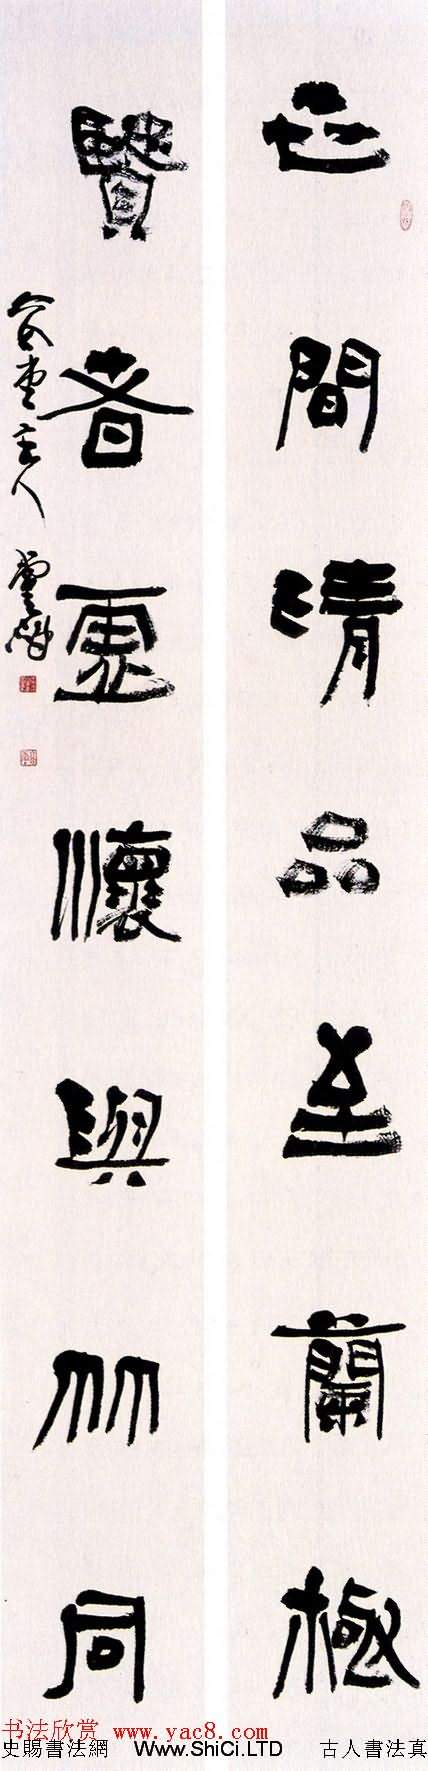 「堯山杯」新人展入展書法作品真跡選刊(共159張圖片)